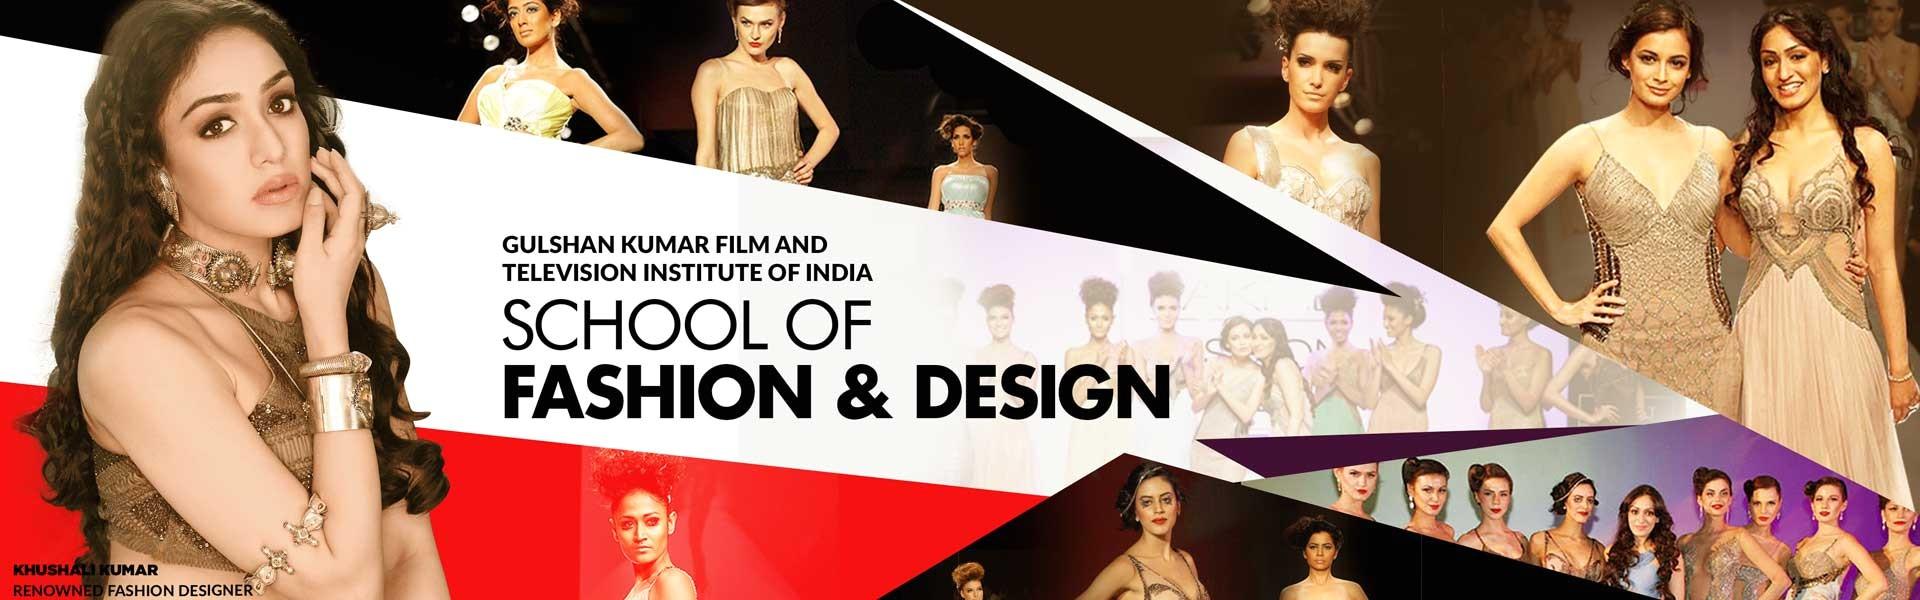 School of Fashion & Design